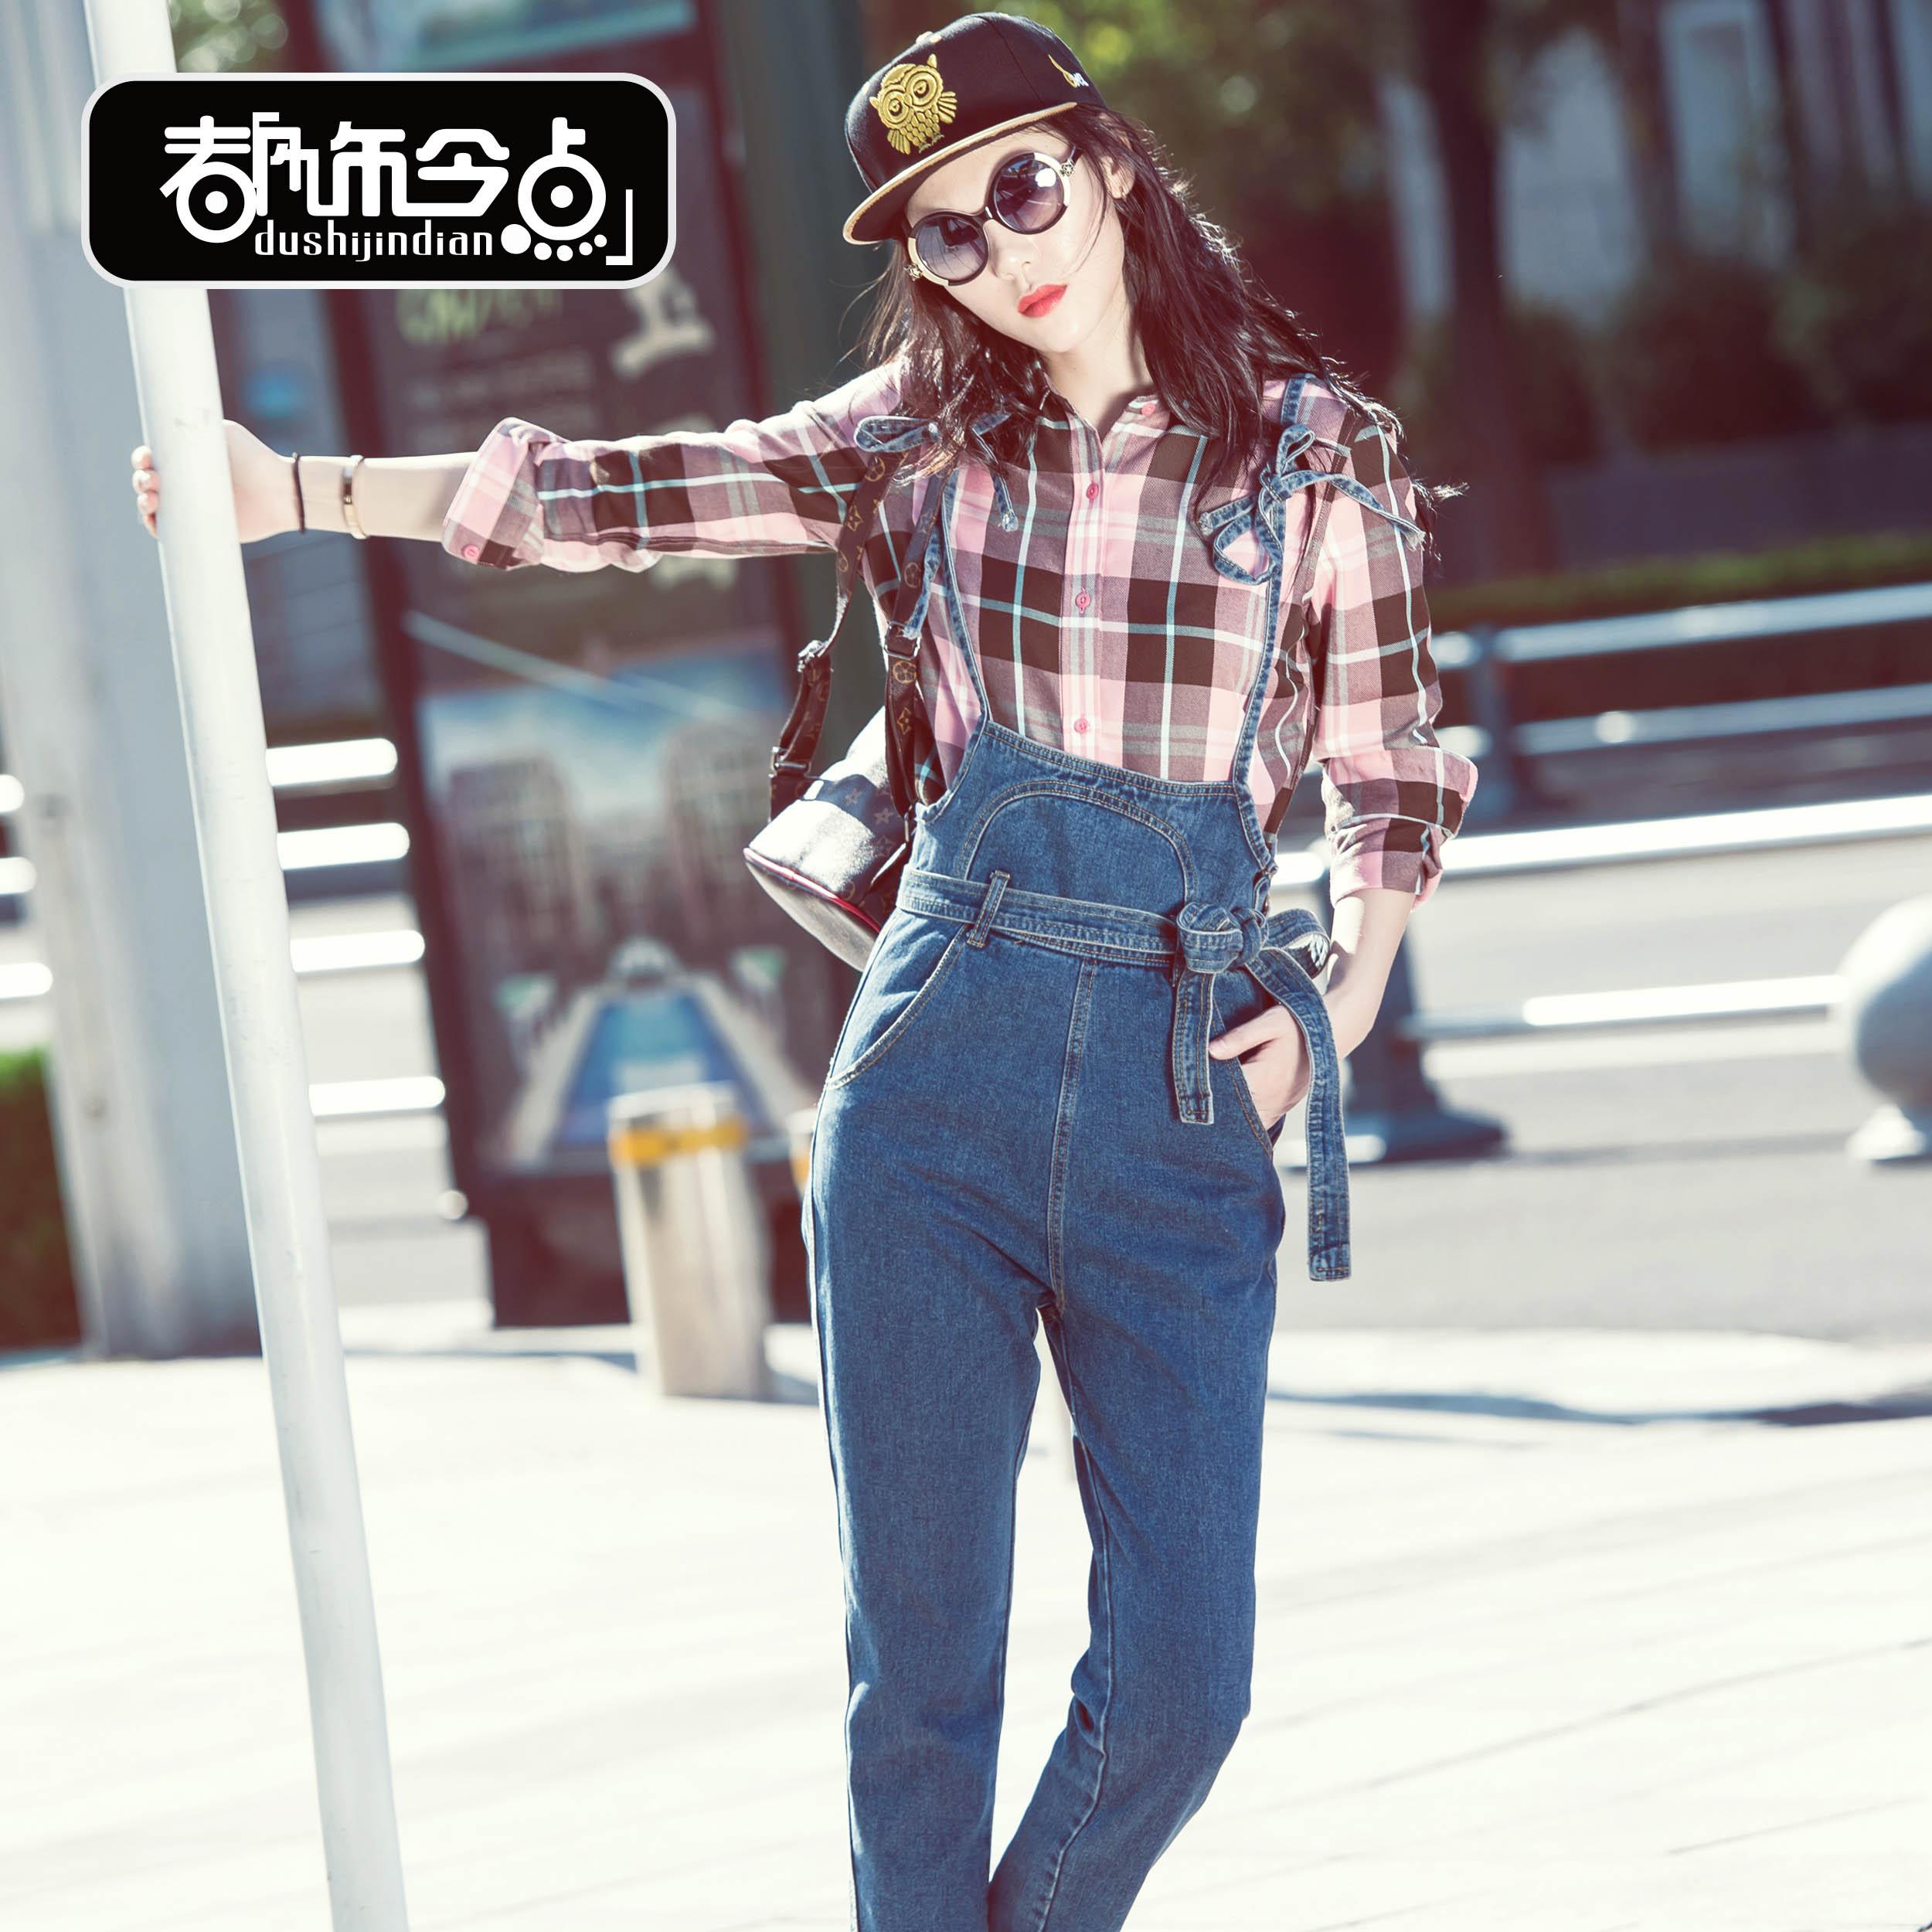 2017新款韩版修身显瘦宽松背带牛仔裤休闲学生九分裤女连体潮流